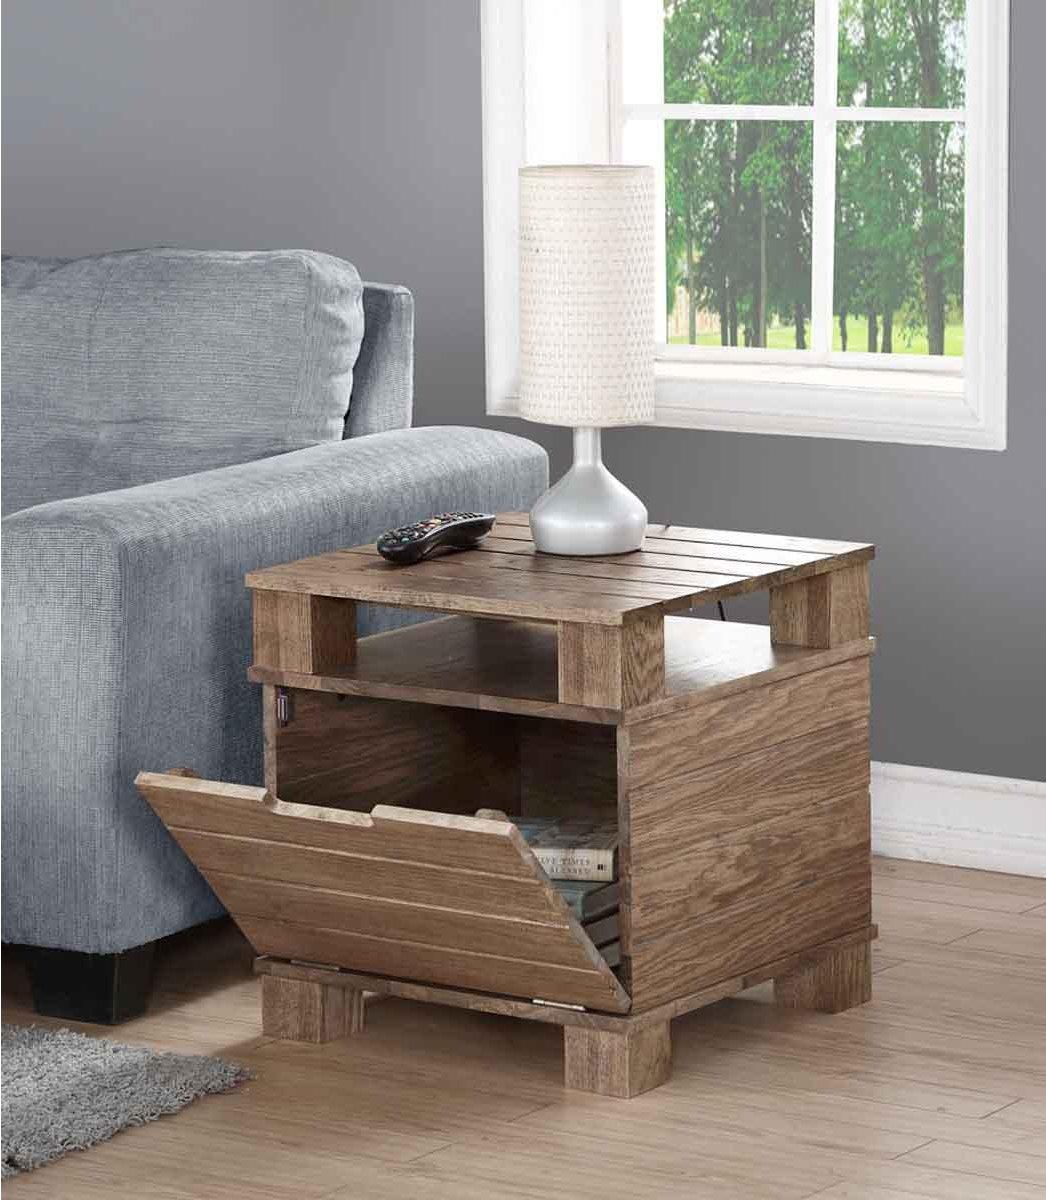 Jual sw203 lamp tables jual solid wood rustic oak lamp table main image aloadofball Images